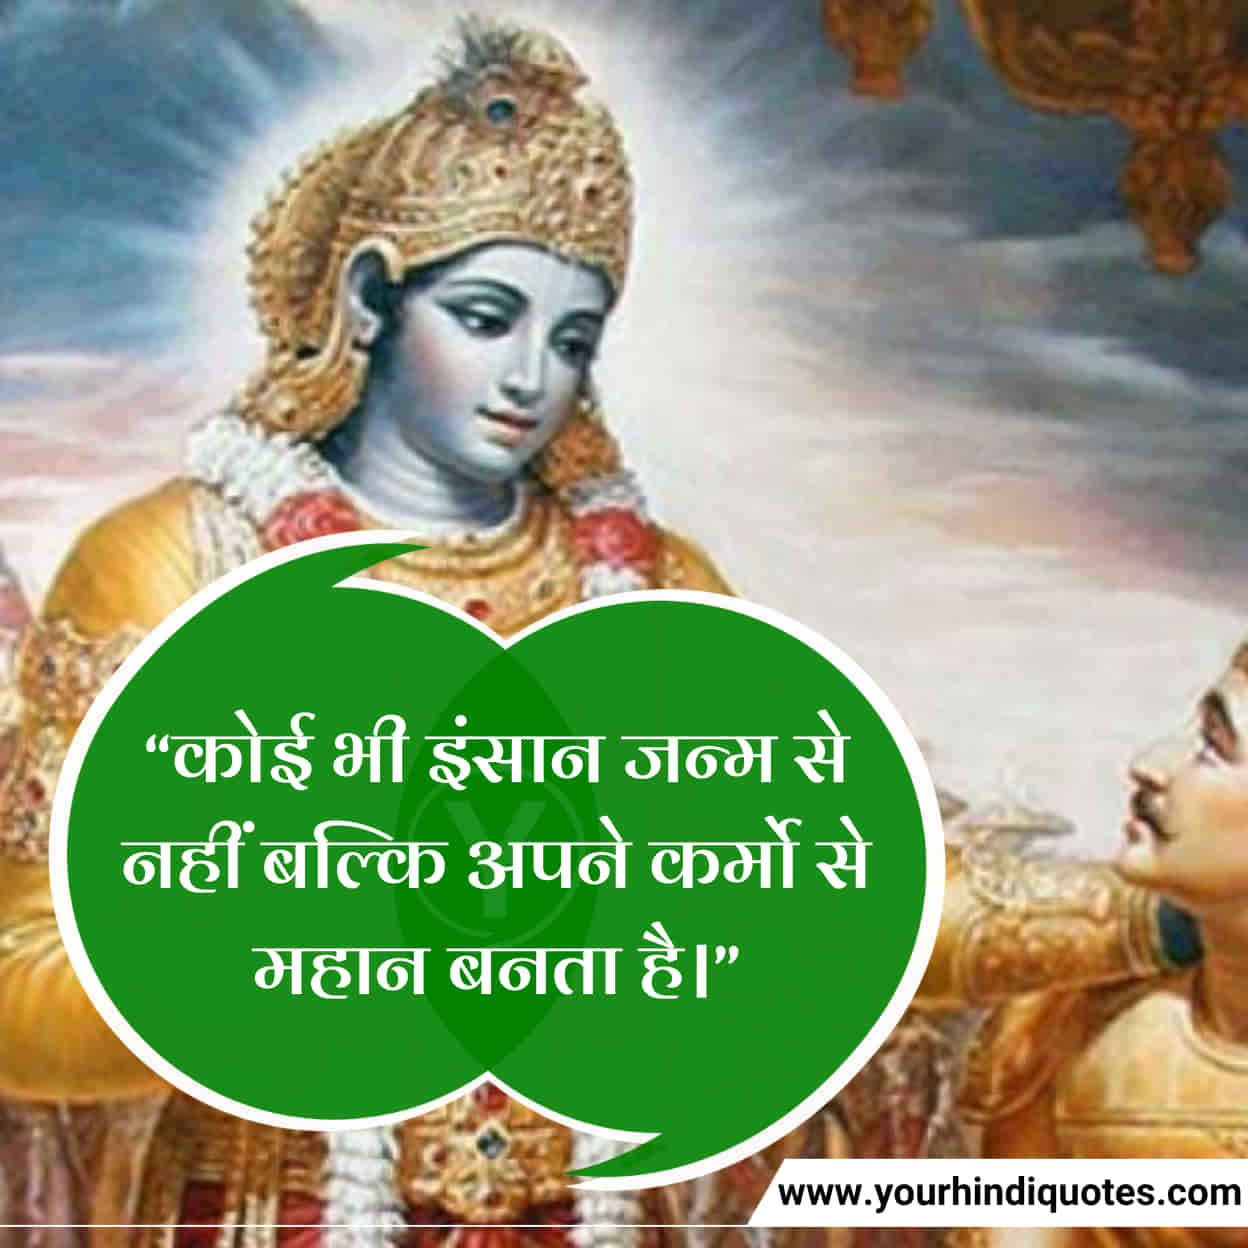 Hindi Bhagwat Gita Success Quotes In Hindi